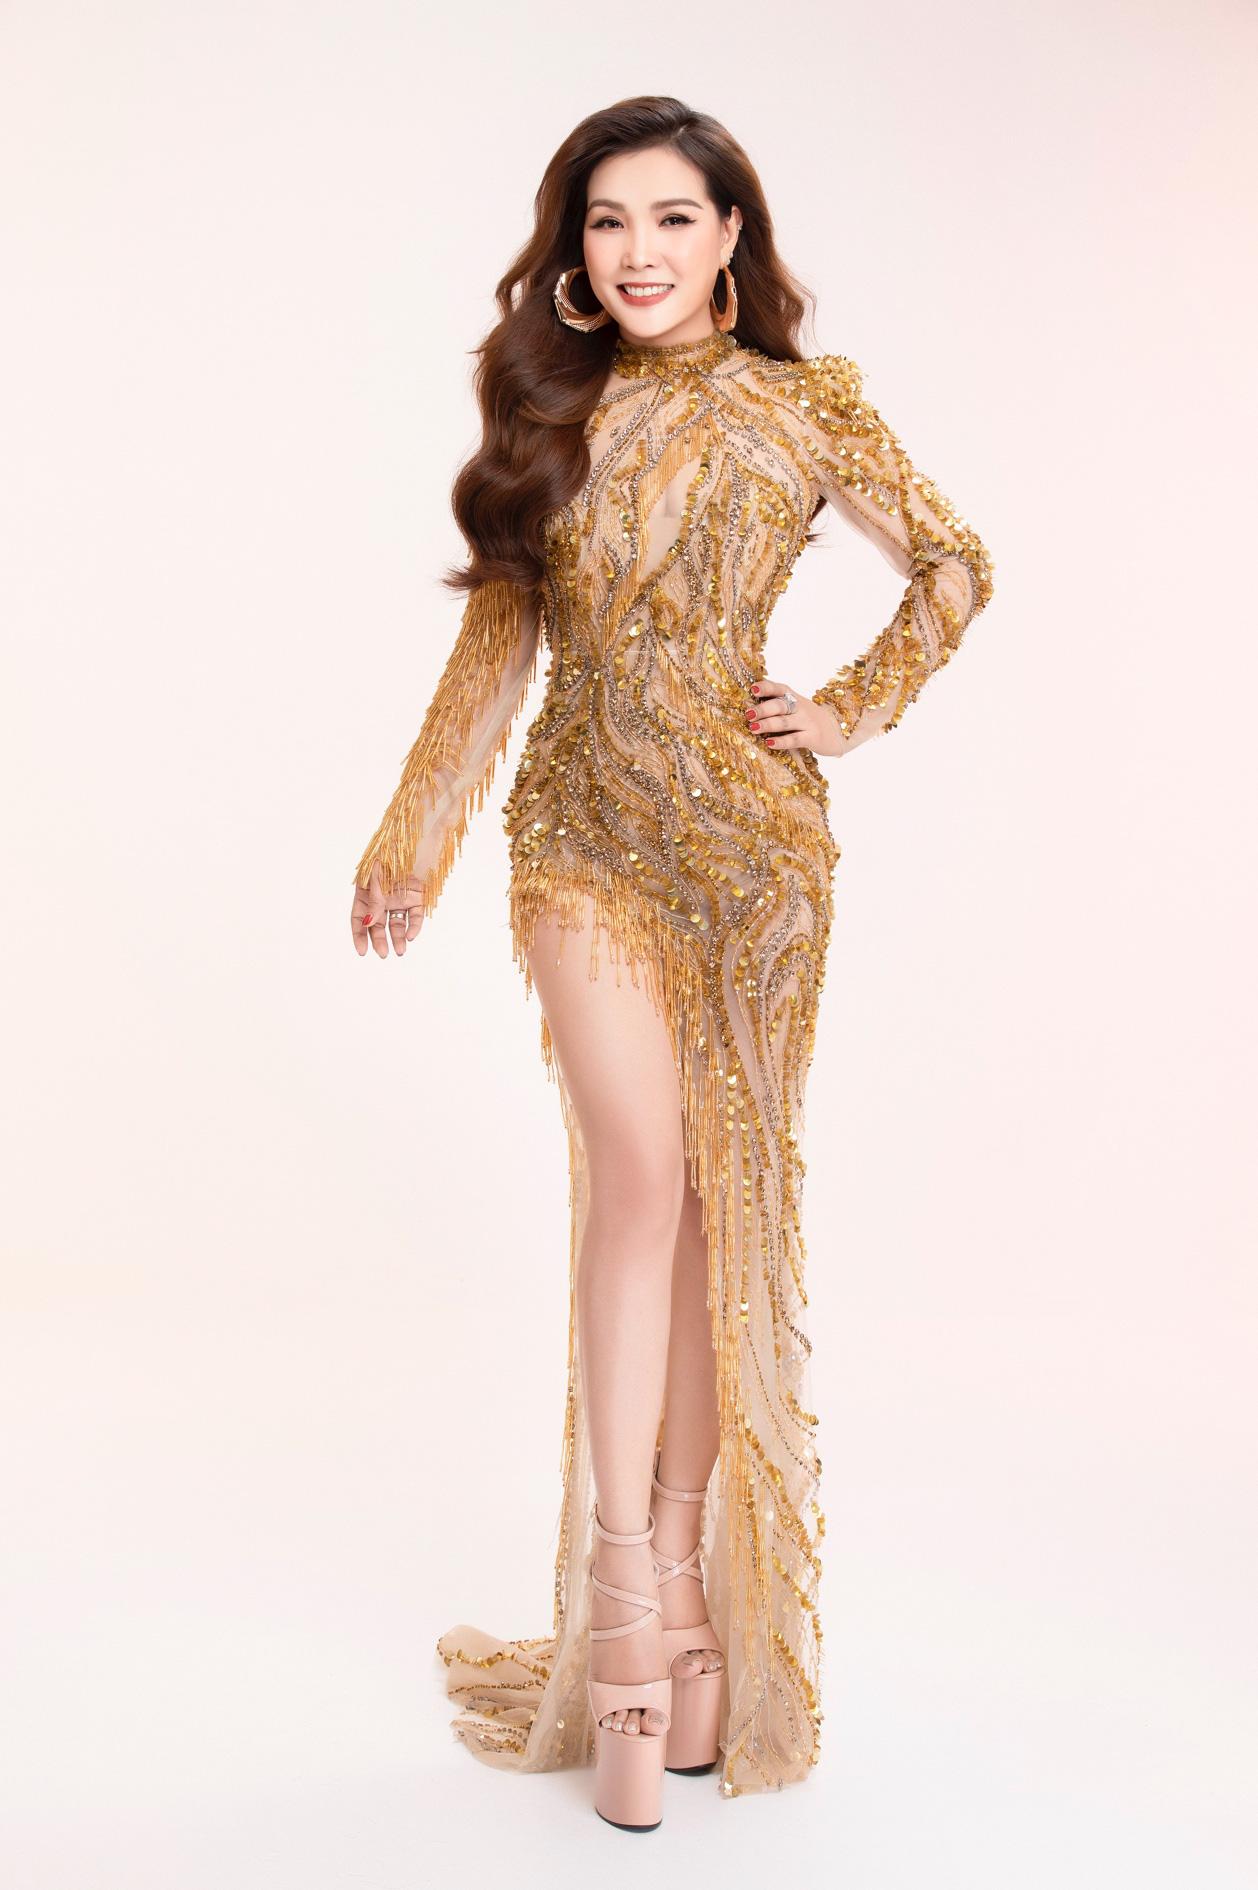 Thạc sĩ, nhà báo Đặng Gia Bena tô đậm thành công Hoa hậu Doanh nhân Việt Nam Toàn cầu 2020 - Ảnh 2.